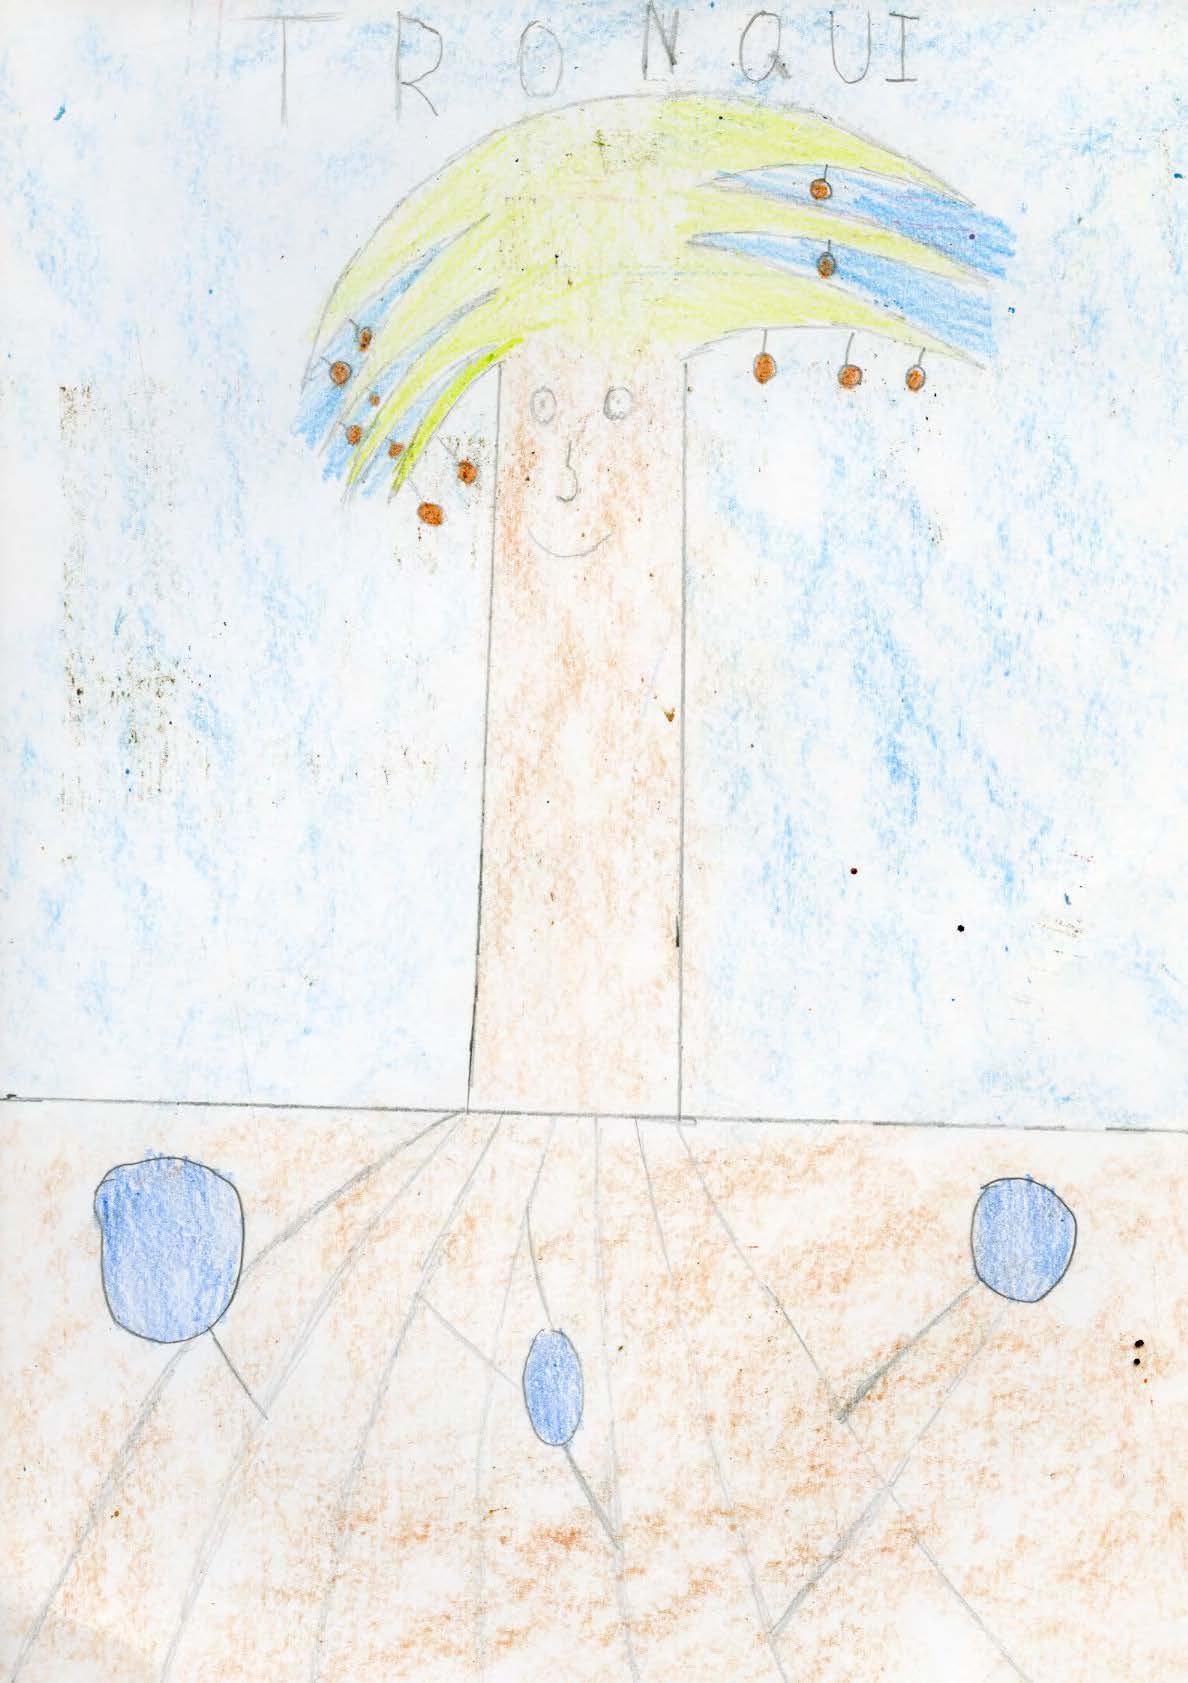 I Concurso Jóvenes artistas 2016  (88)